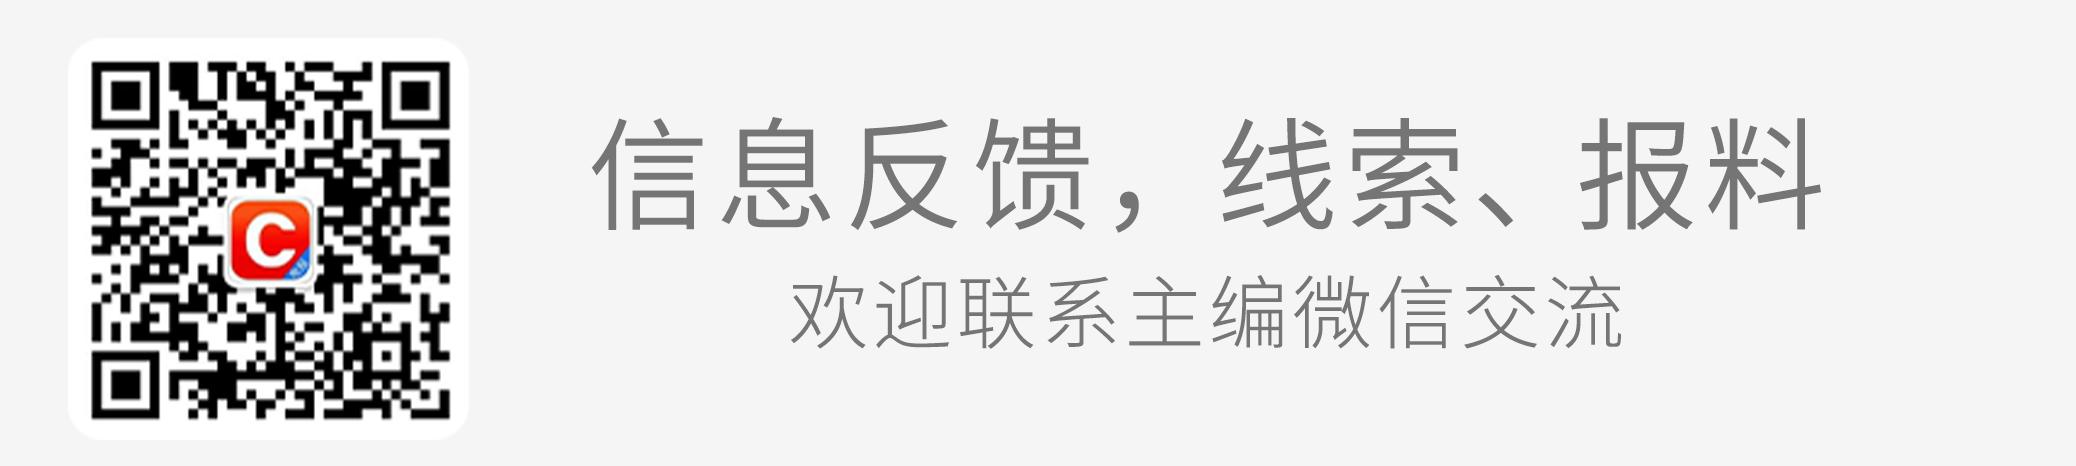 财联社保险早会(7月17日)